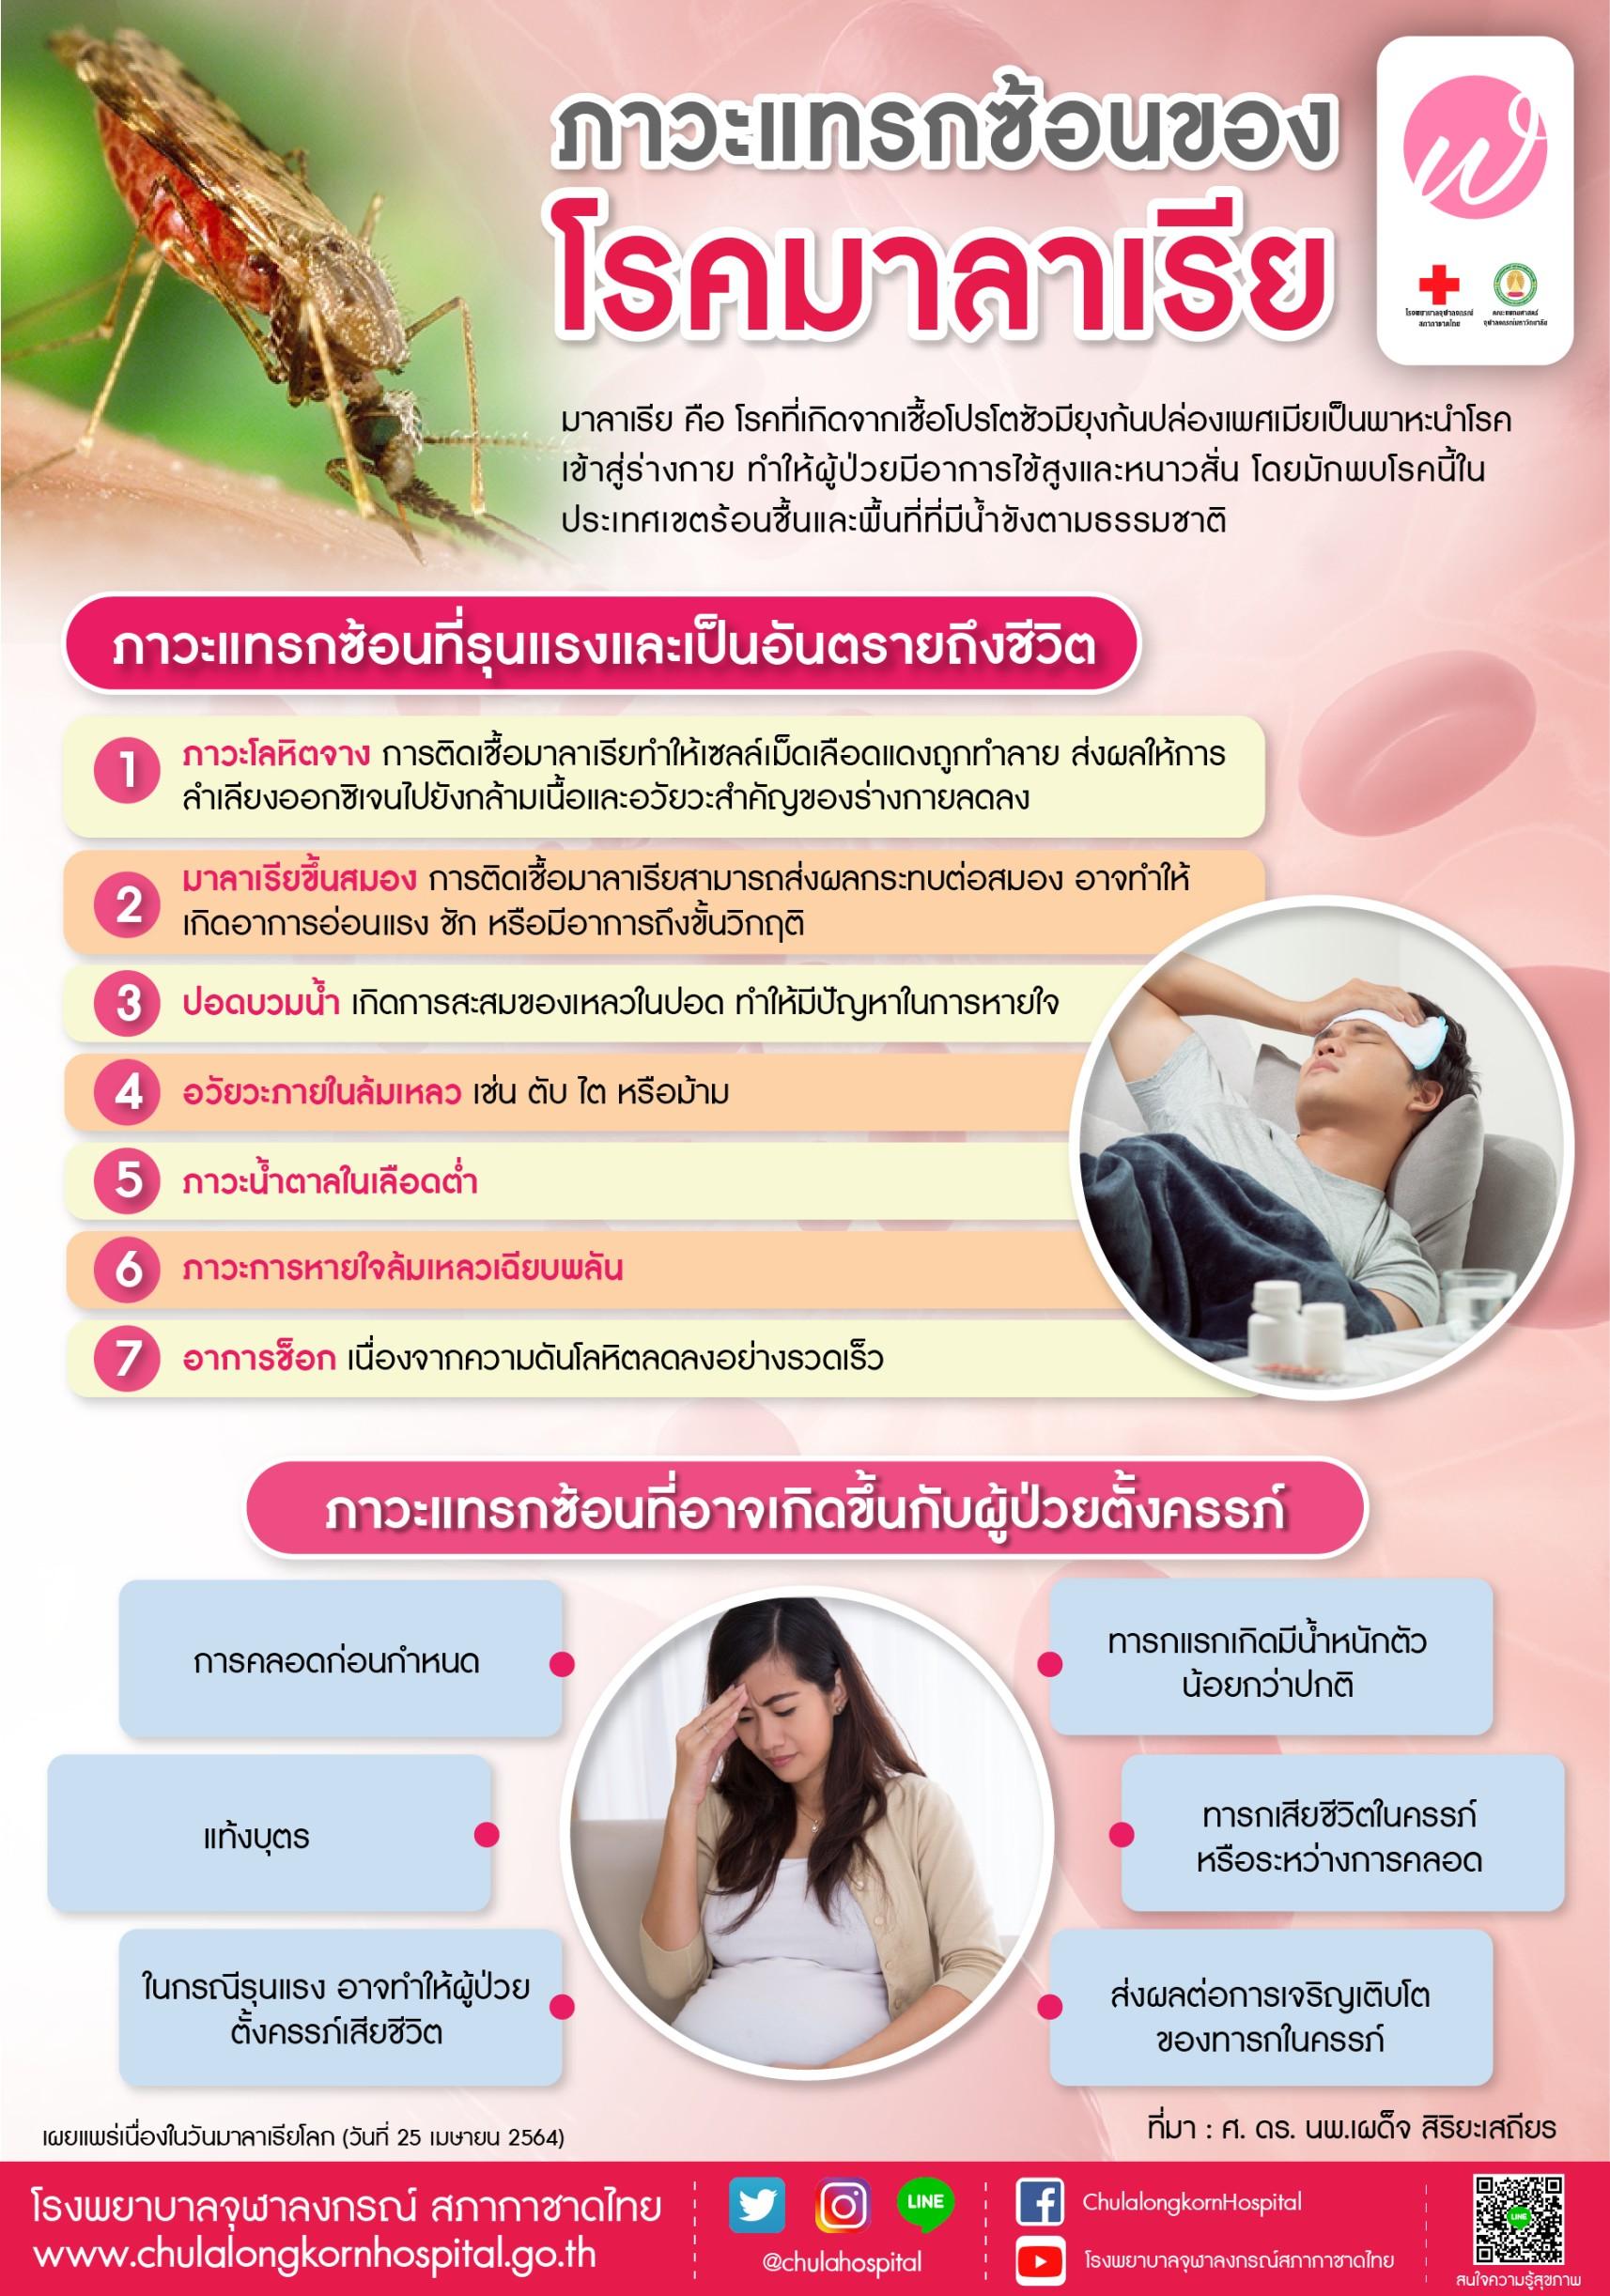 ภาวะแทรกซ้อนของโรคมาลาเรีย